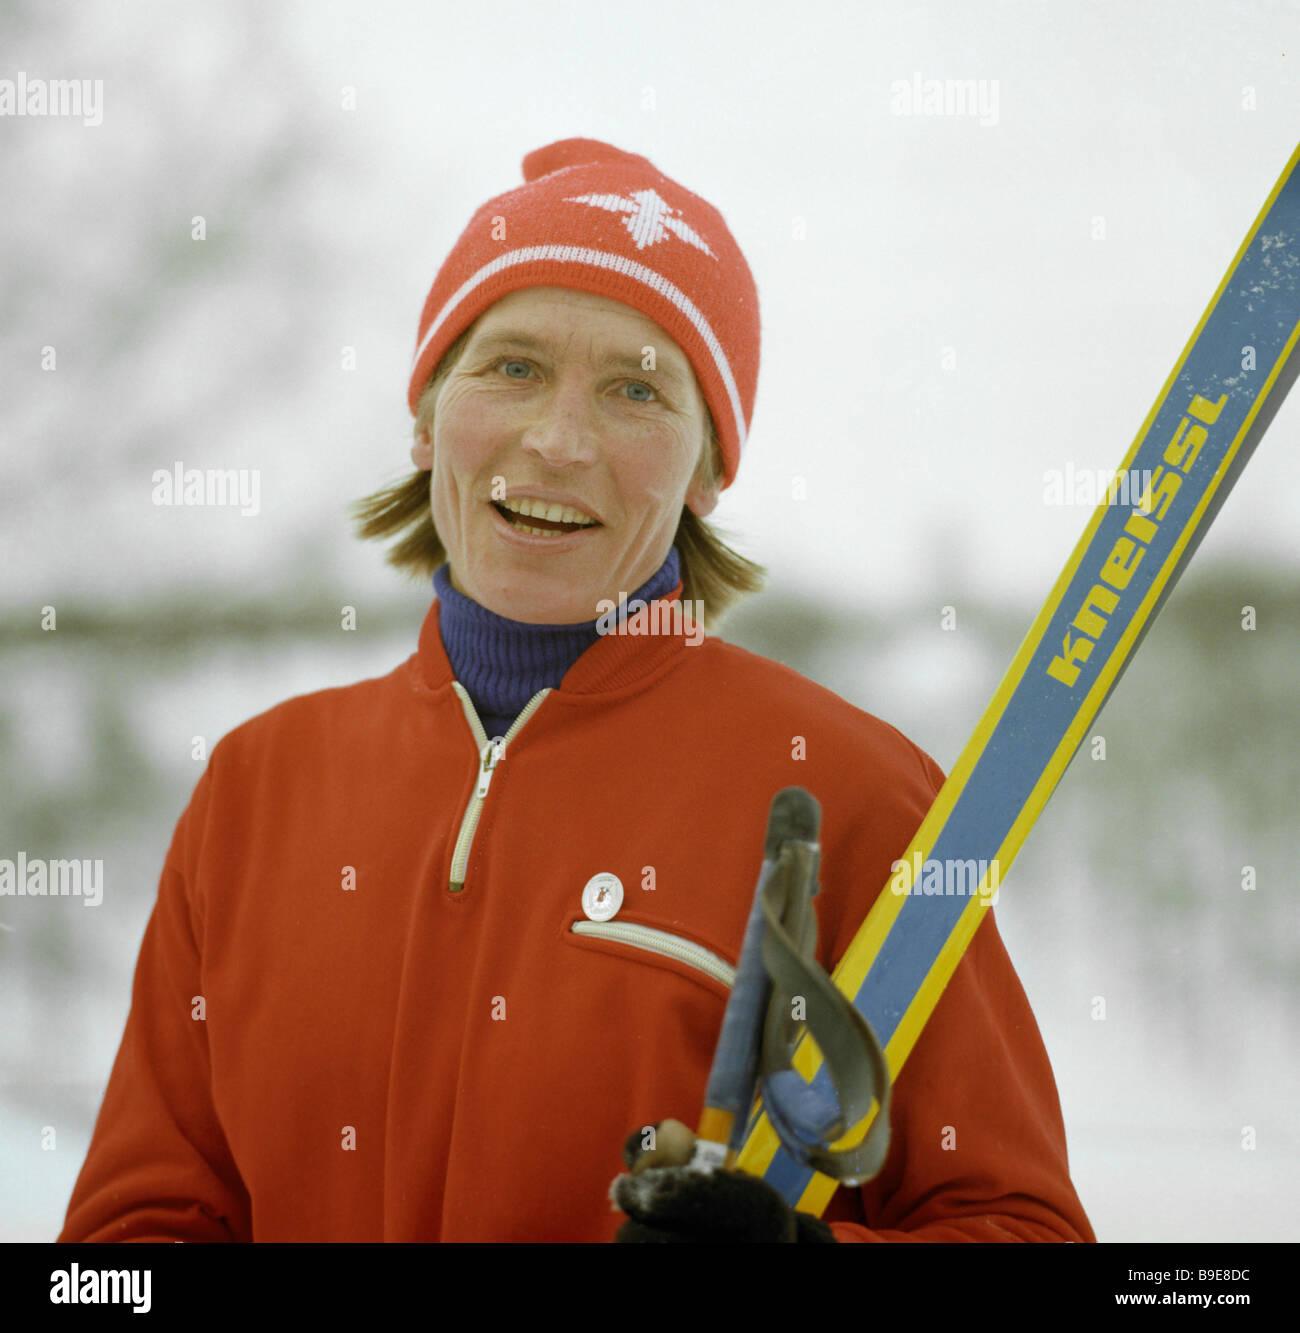 Galina Kulakova 8 Olympic medals